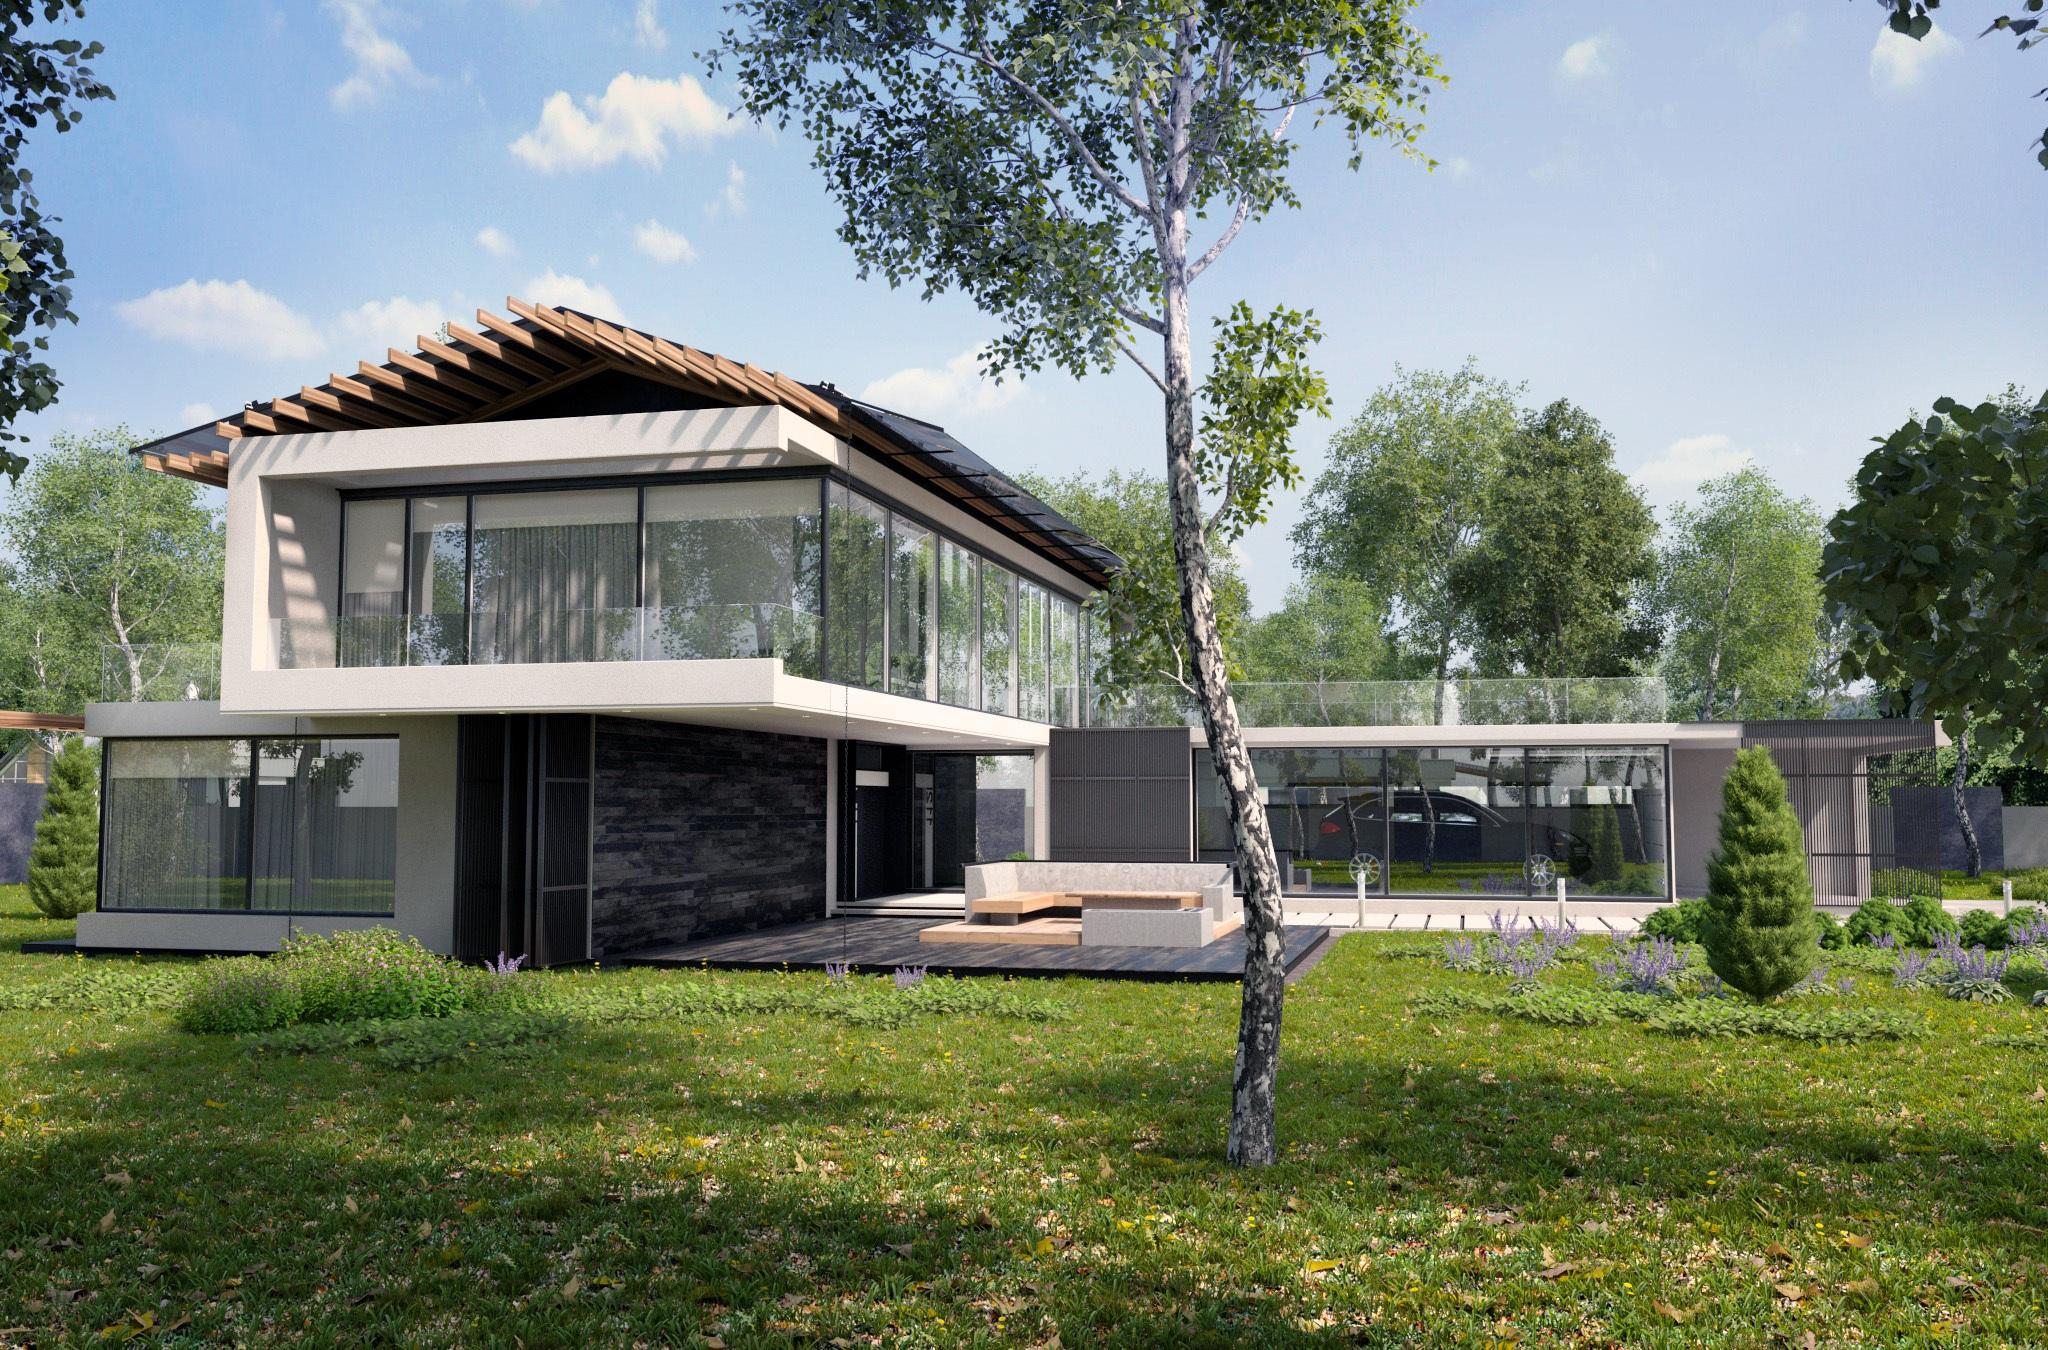 Banco de imagens rvore arquitetura villa casa for Piani casa cottage acadian